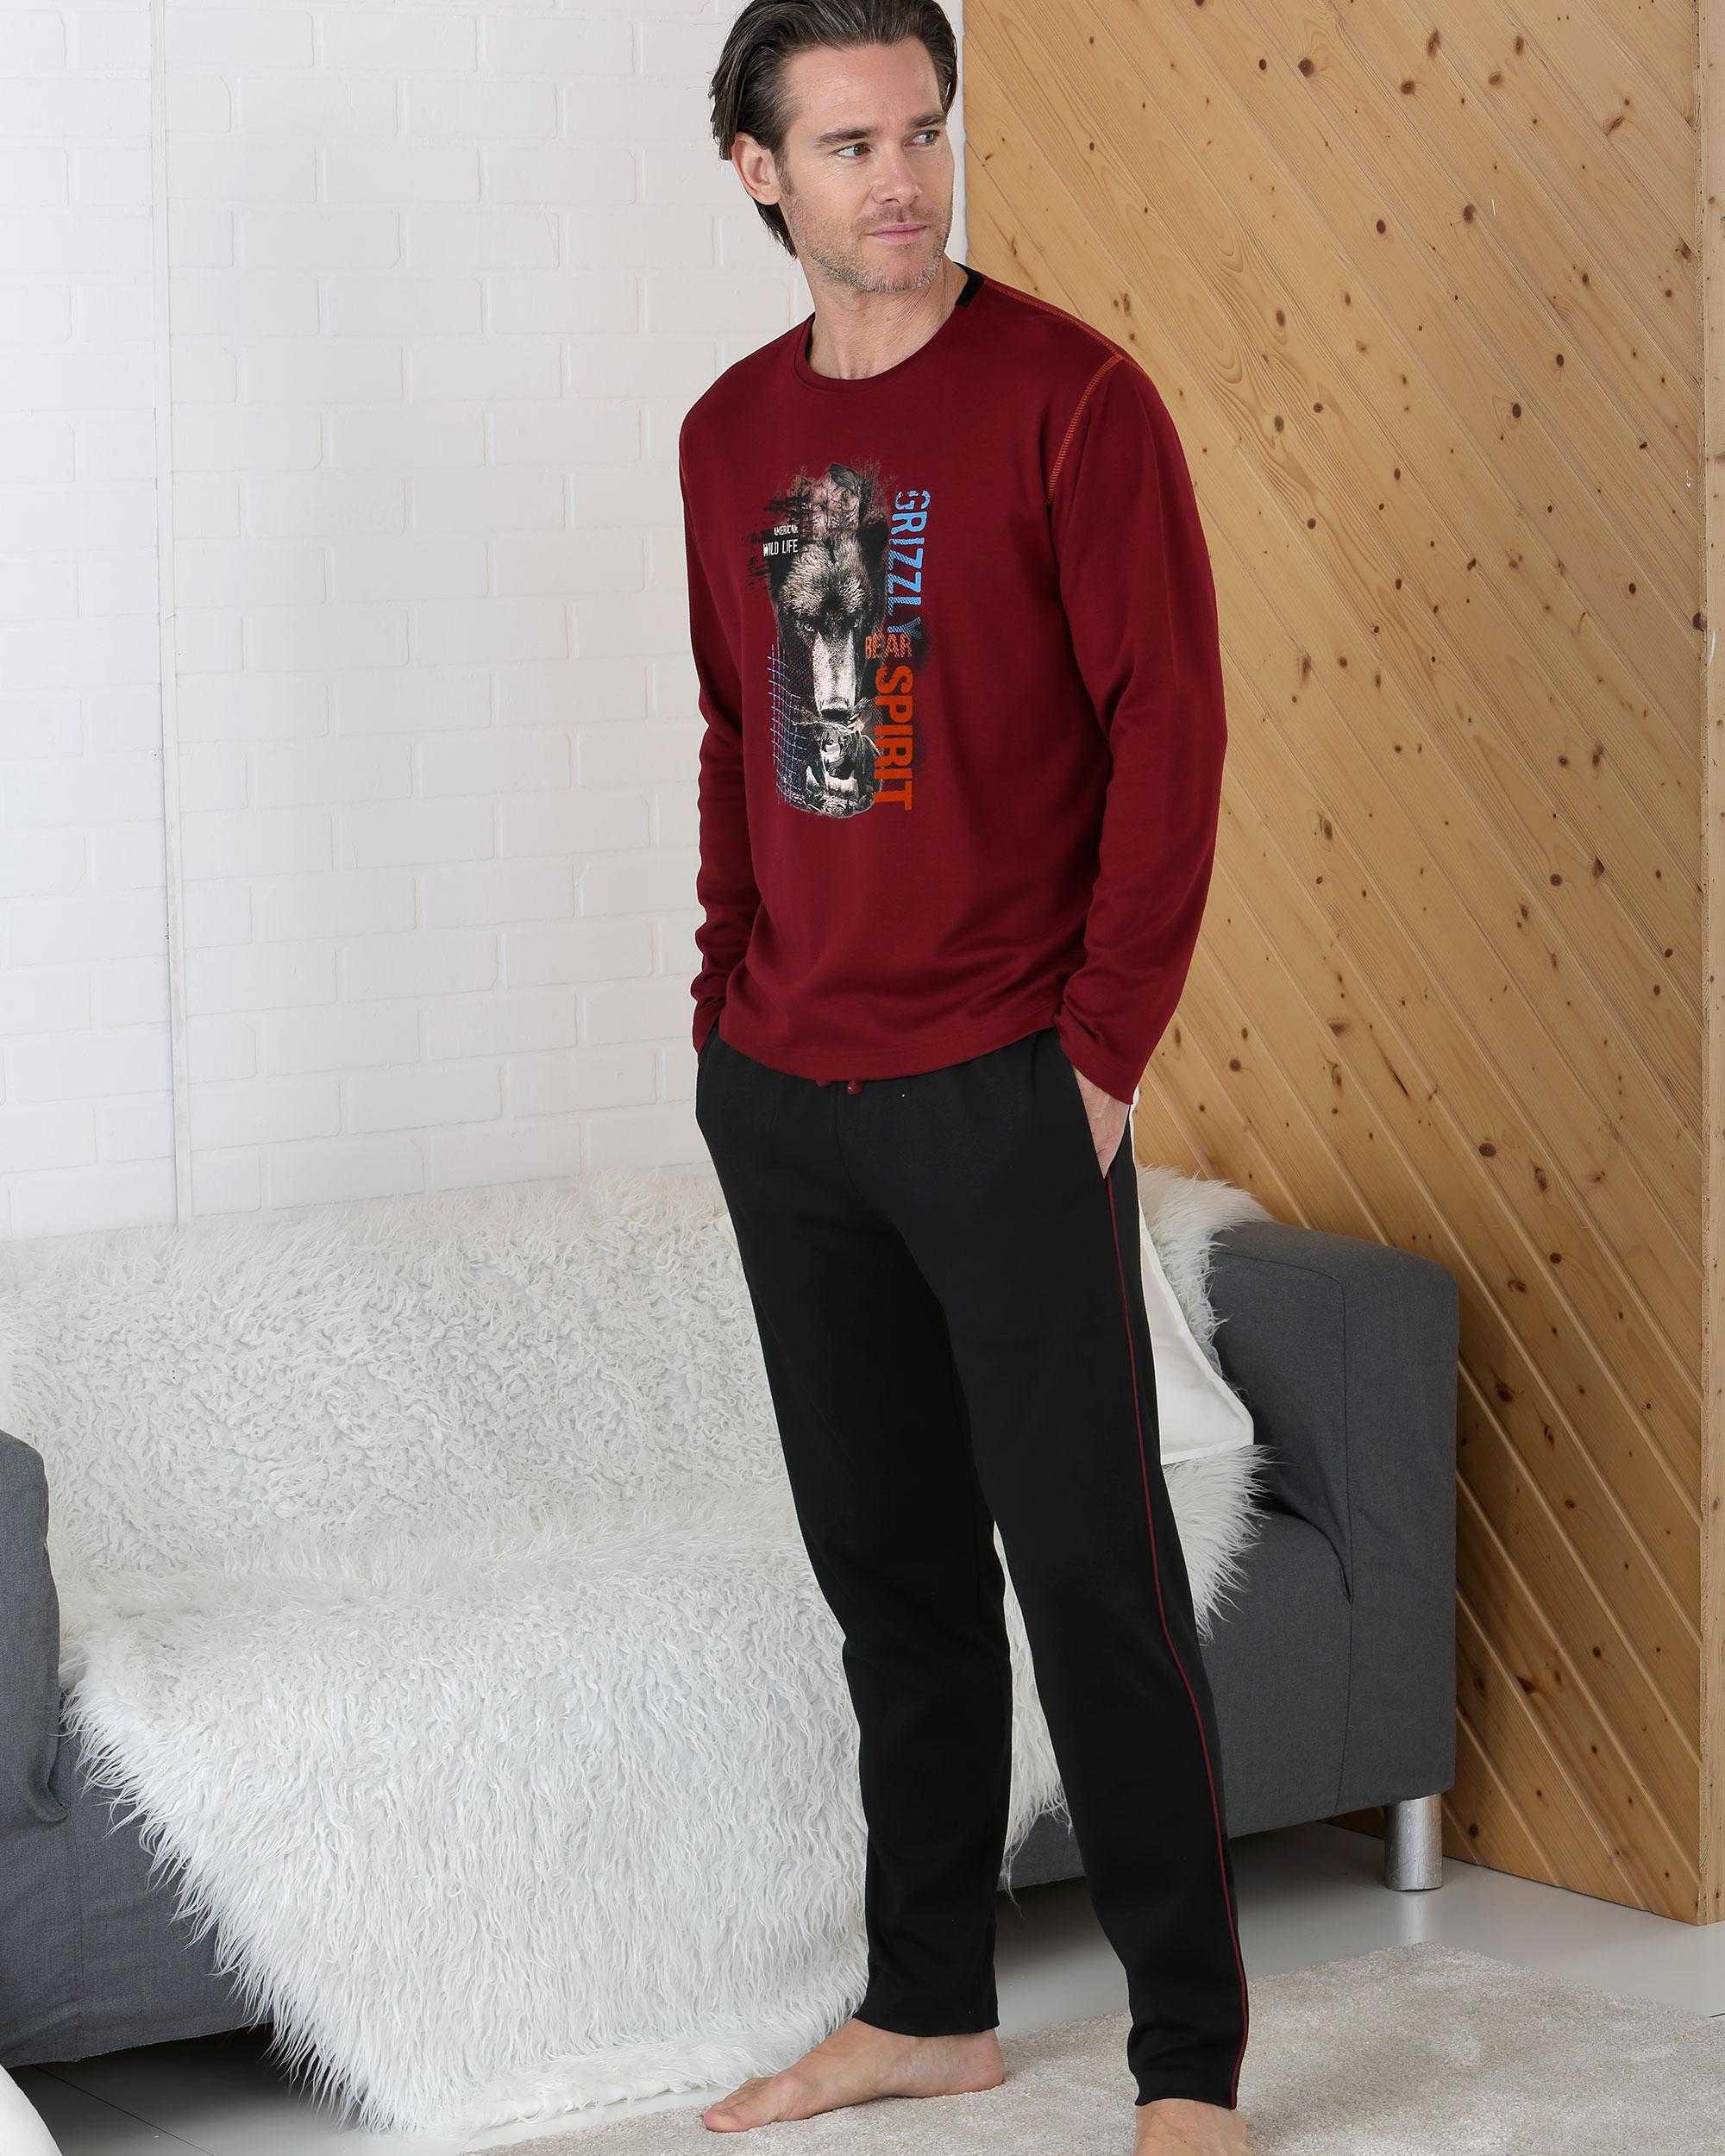 Pijama Caballero Wolf Massana TALLAS: s, m, l, xl; COLOR: burdeos  - HOMBRE  - PEPI GUERRA